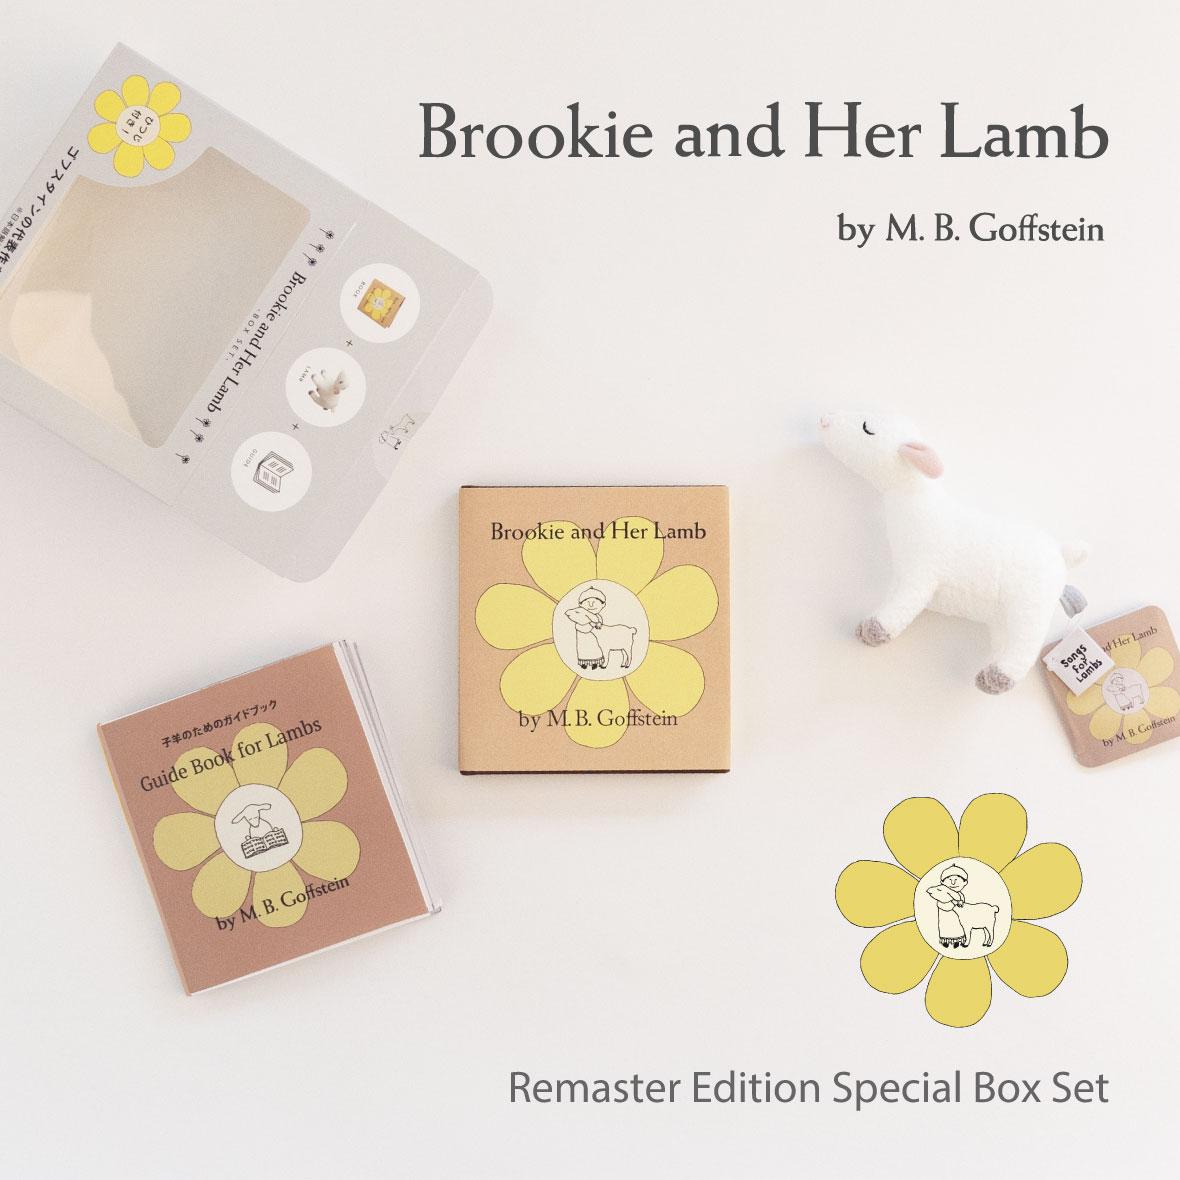 「ブルッキーと彼女の子羊」リマスターBOXセット